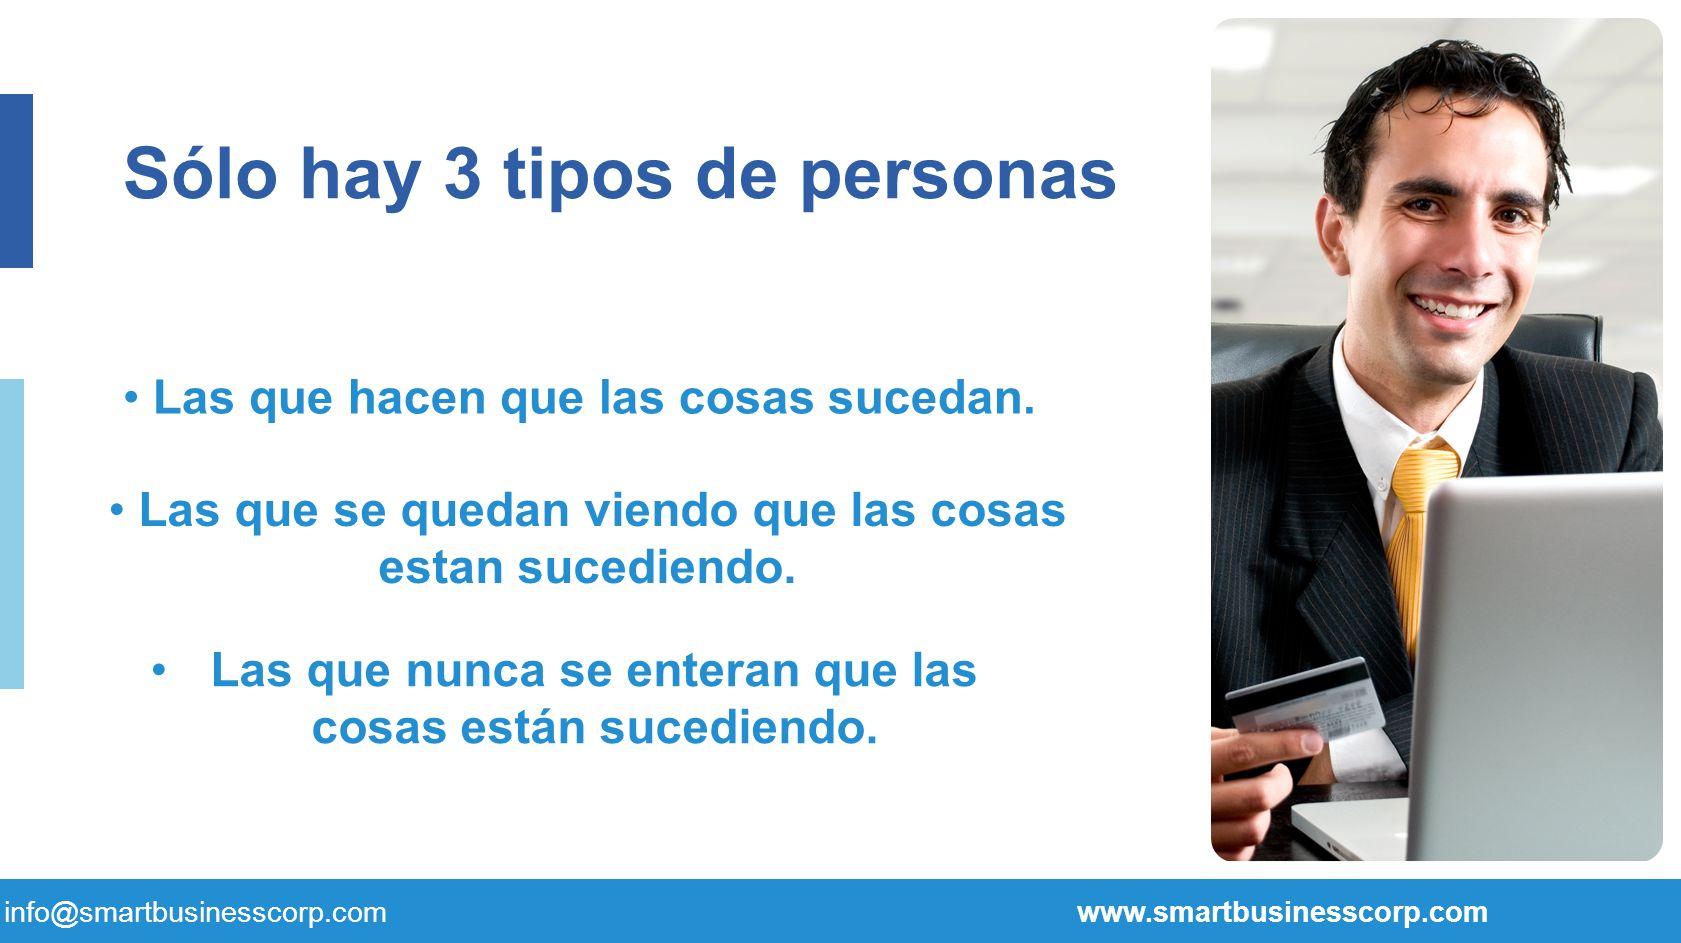 28 Las que hacen que las cosas sucedan. info@smartbusinesscorp.com www.smartbusinesscorp.com Sólo hay 3 tipos de personas Las que se quedan viendo que